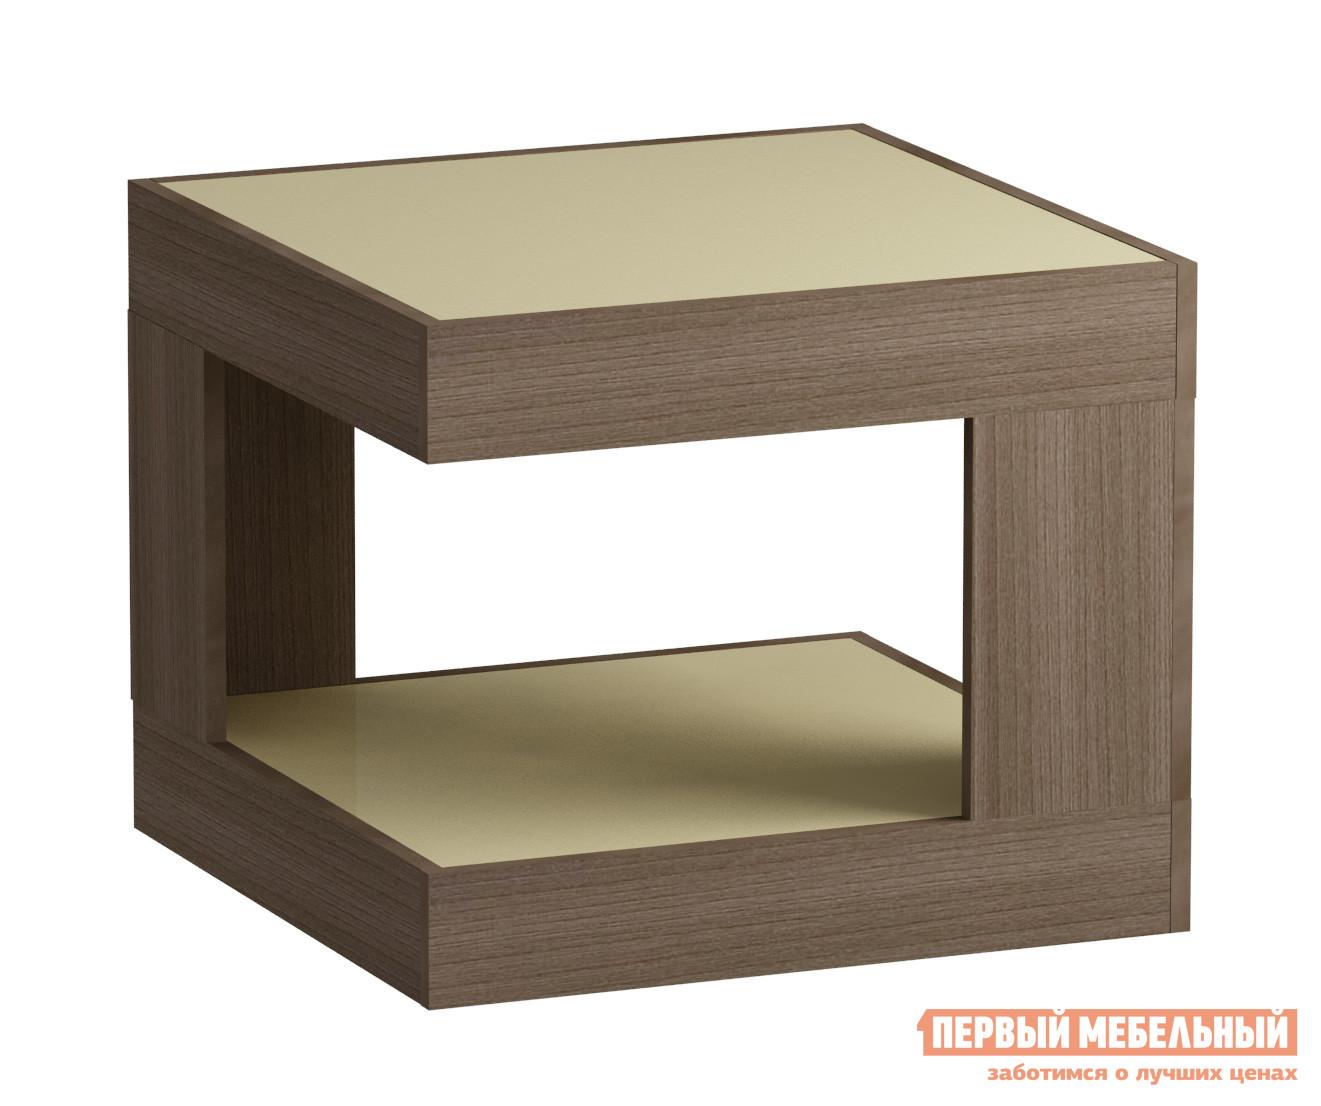 Журнальный столик Мебель Импэкс Leset LS 746 Ясень Шимо темный / Кремовое стекло